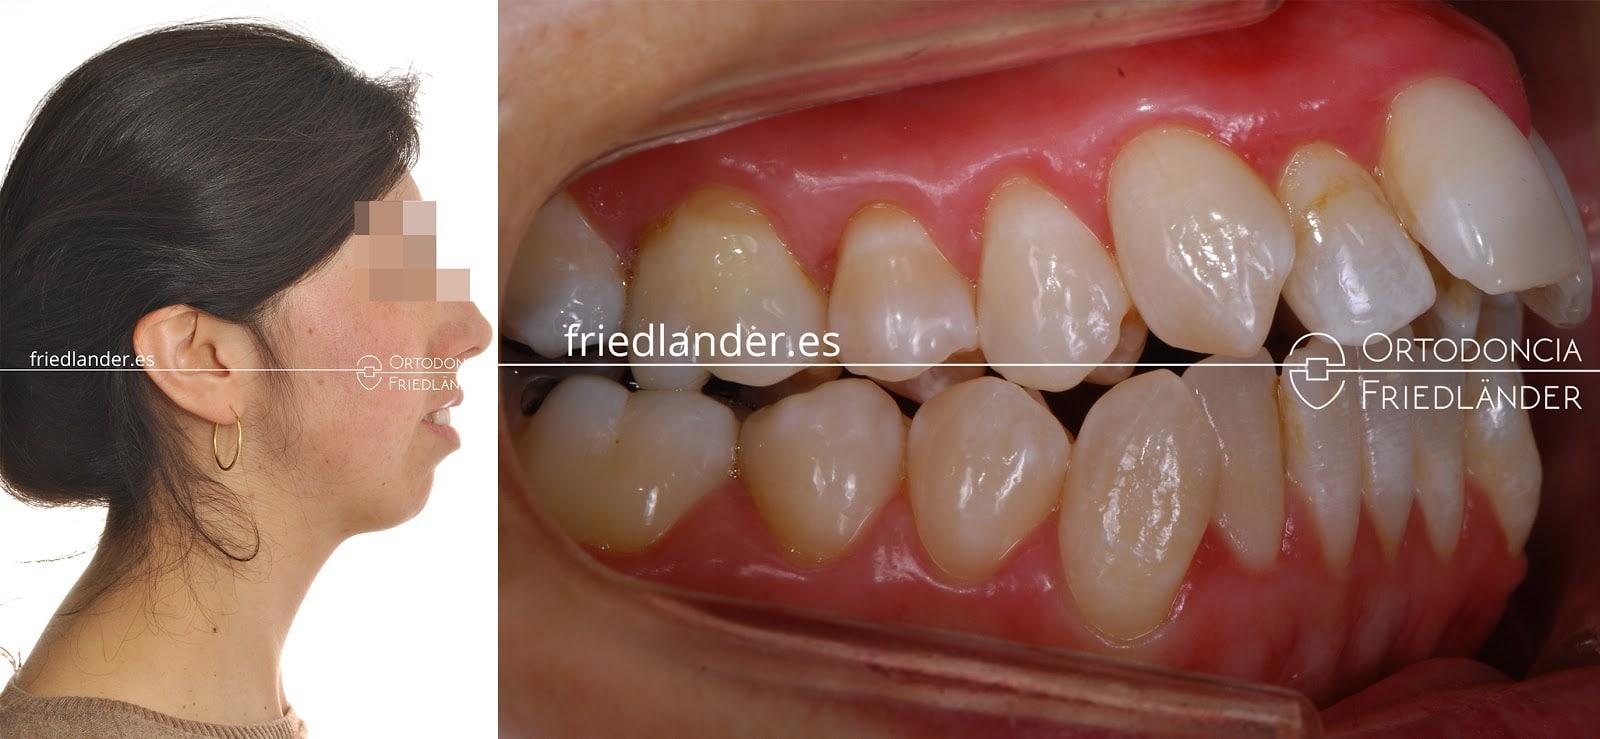 La Cirugía ortognática para tratar deformidades faciales 6